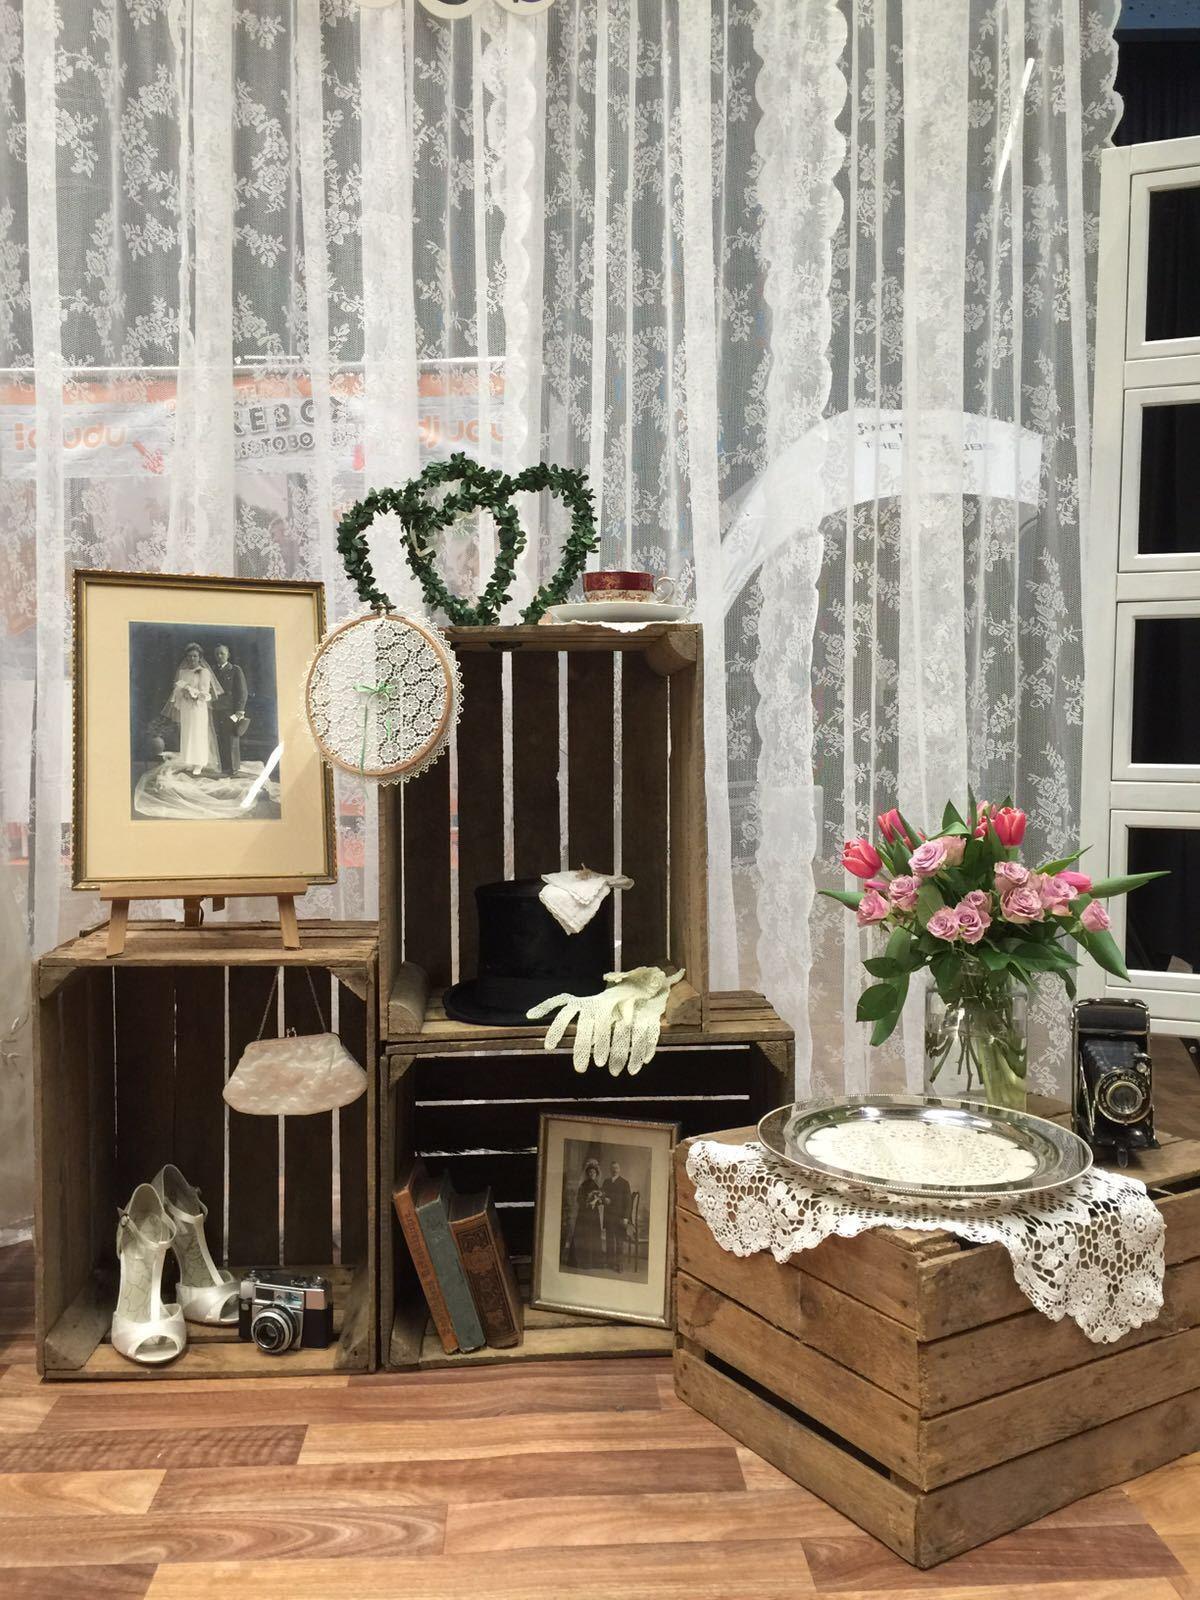 alte obstkisten holzkiste apfelkiste weinkiste deko regal couchtisch shabby chic eur 9 79. Black Bedroom Furniture Sets. Home Design Ideas